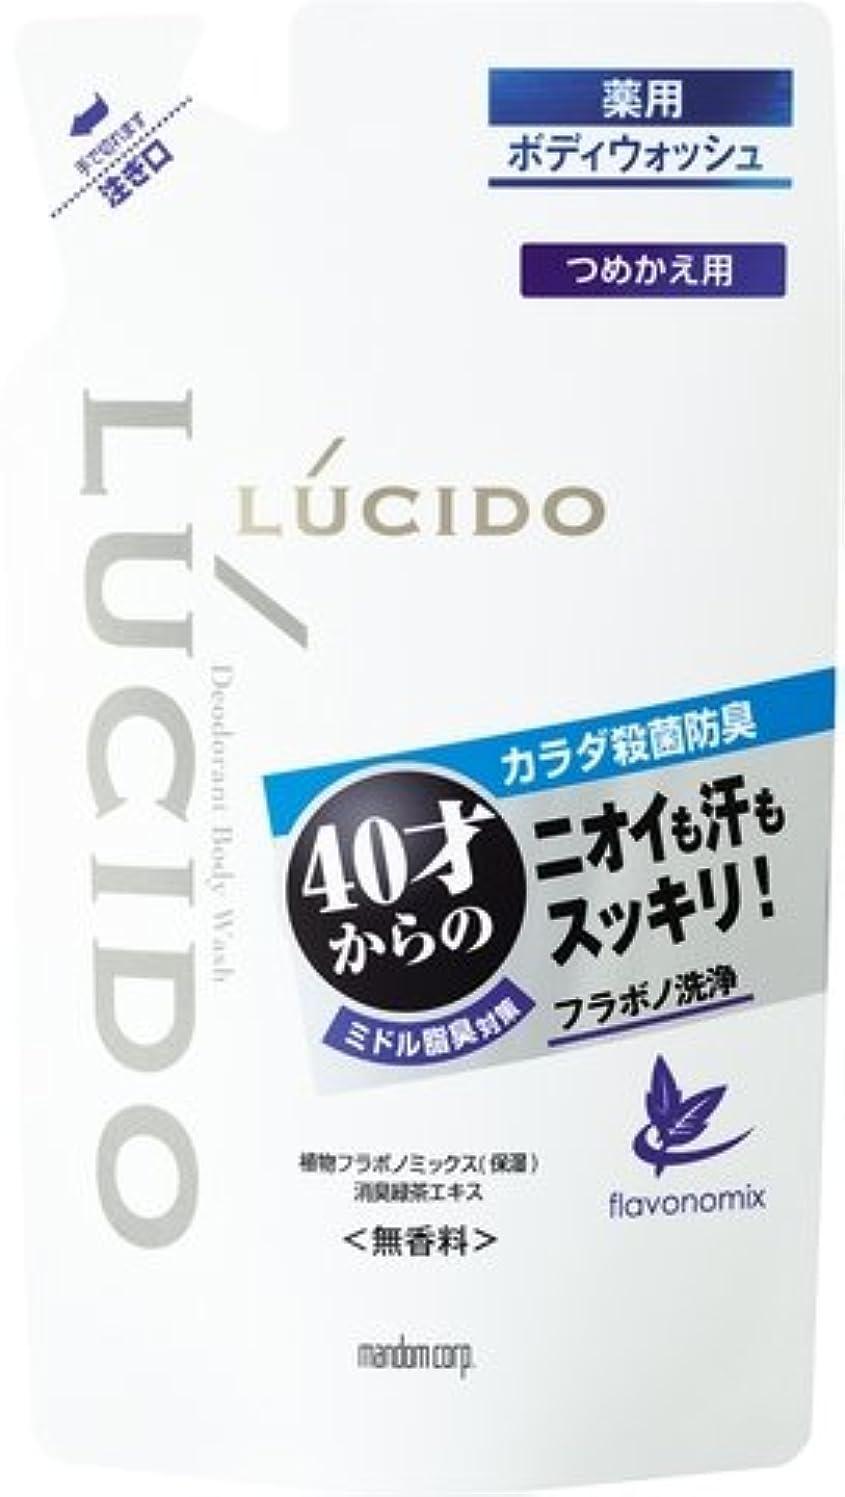 するだろう環境に優しいましいルシード 薬用デオドラントボディウォッシュ つめかえ用 (医薬部外品) × 5個セット